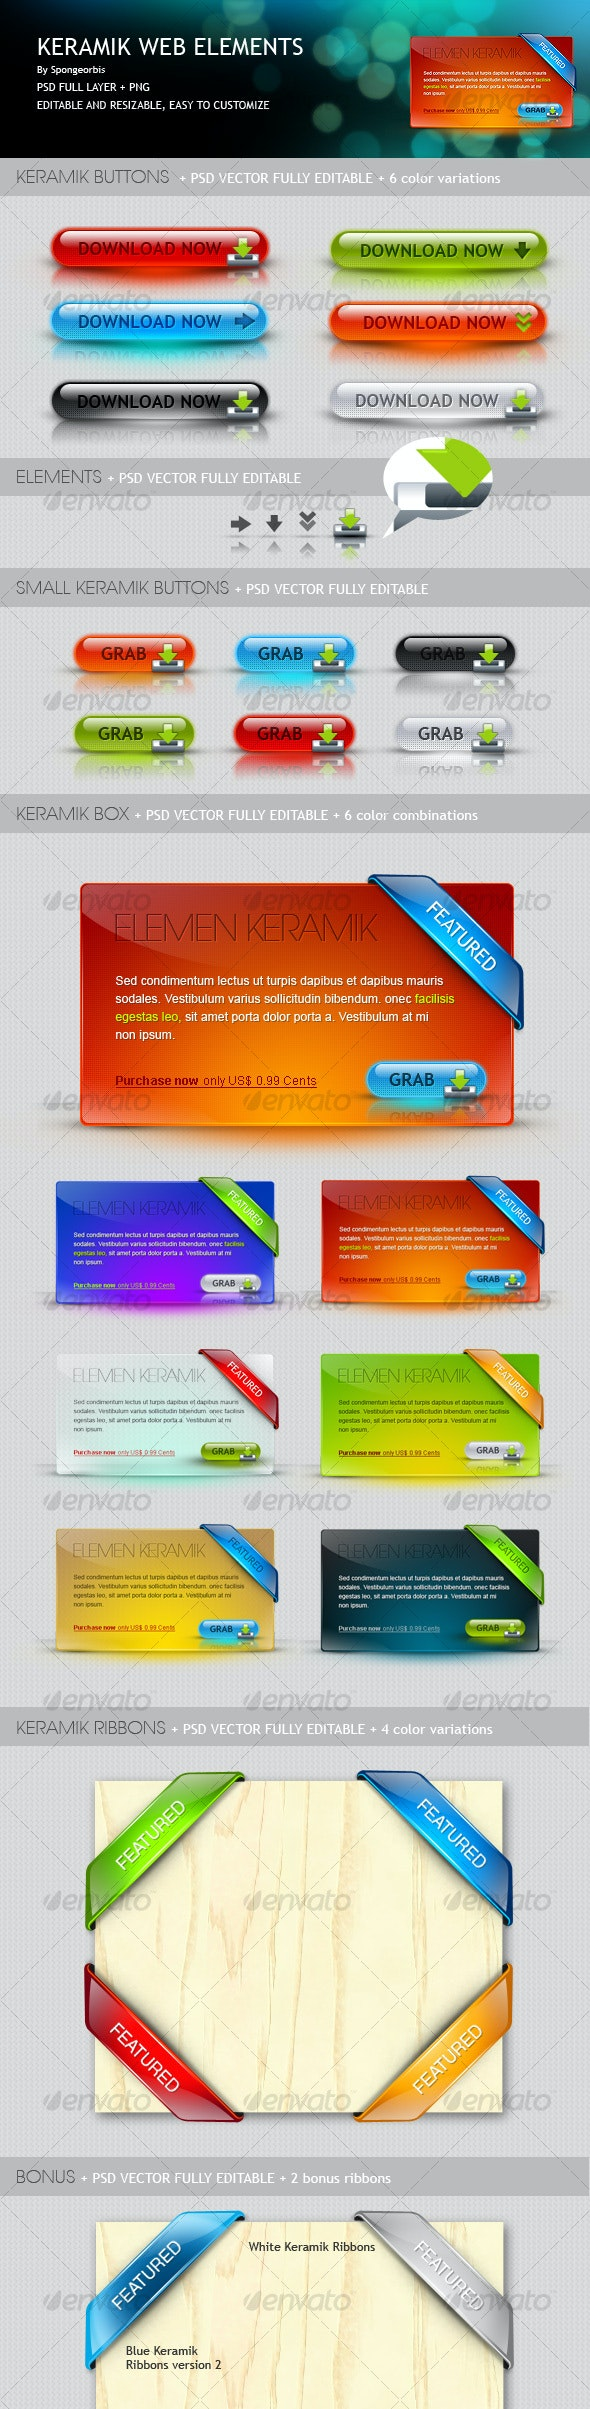 Keramik Web Elements - Web Elements